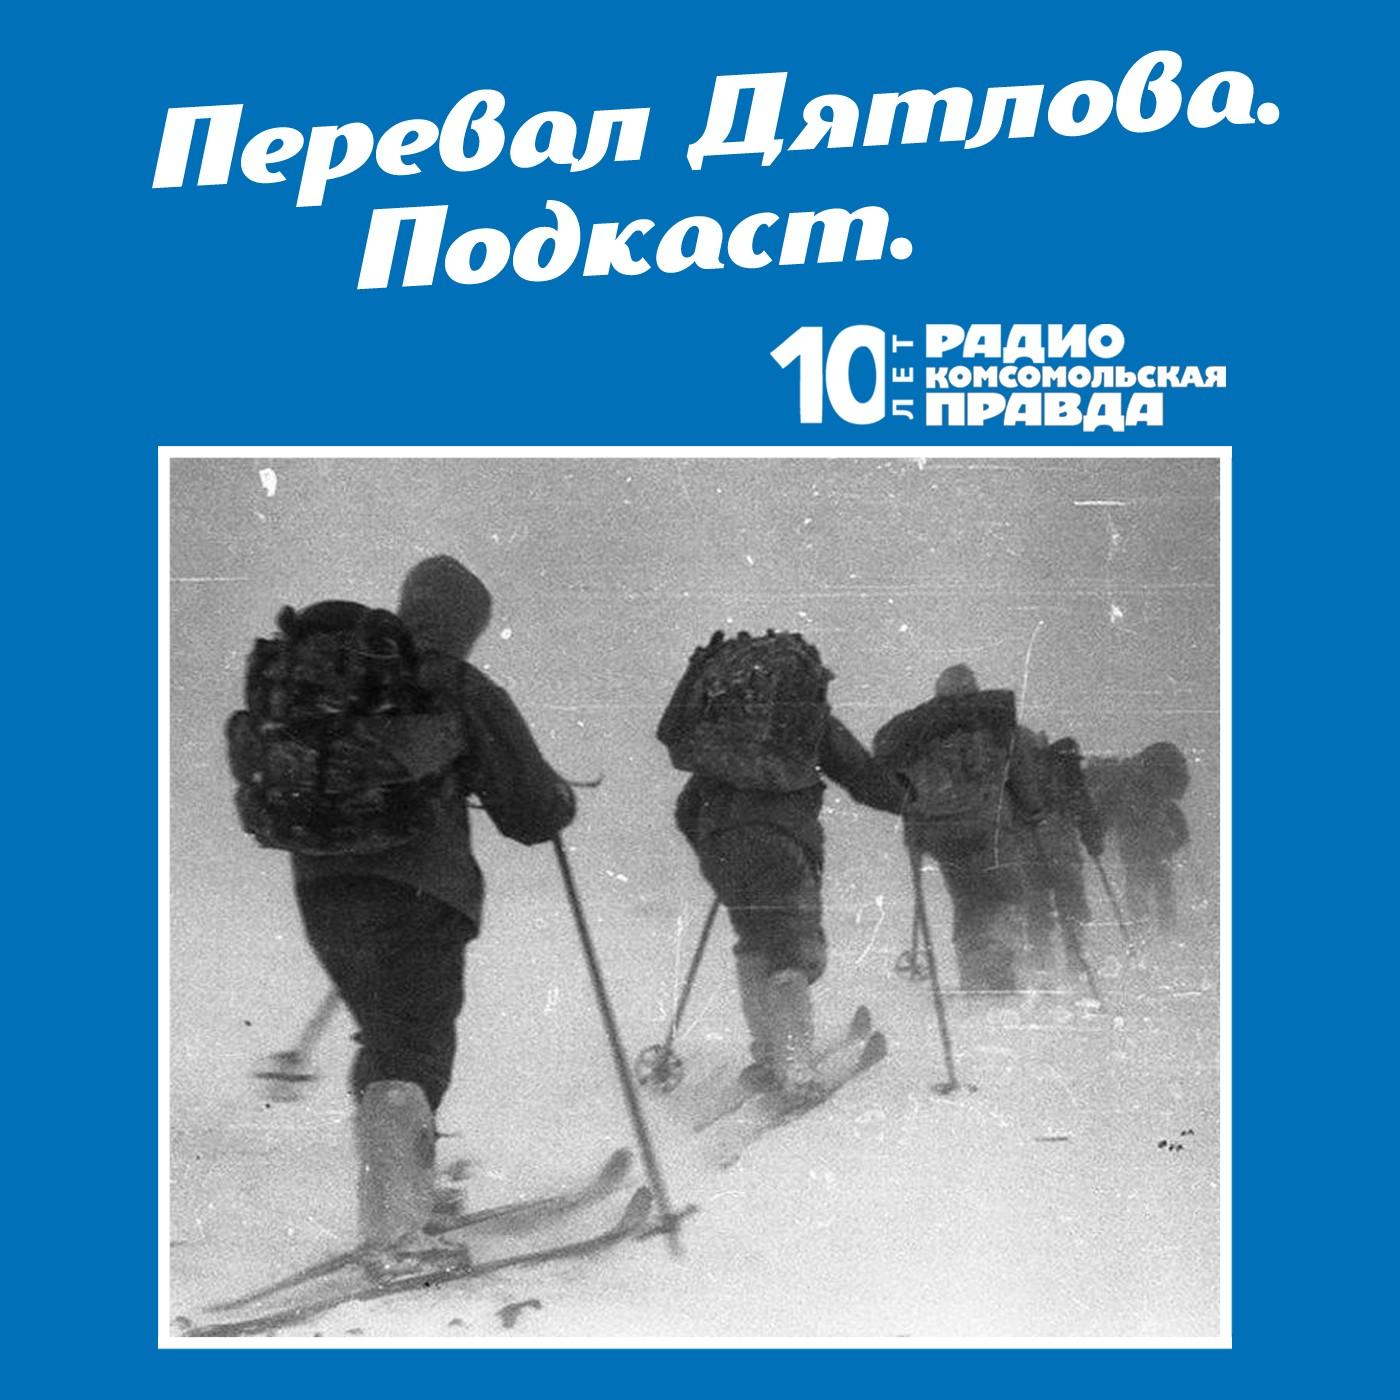 Трагедия на перевале Дятлова: 64 версии загадочной гибели туристов в 1959 году. Часть 37 и 38 фото